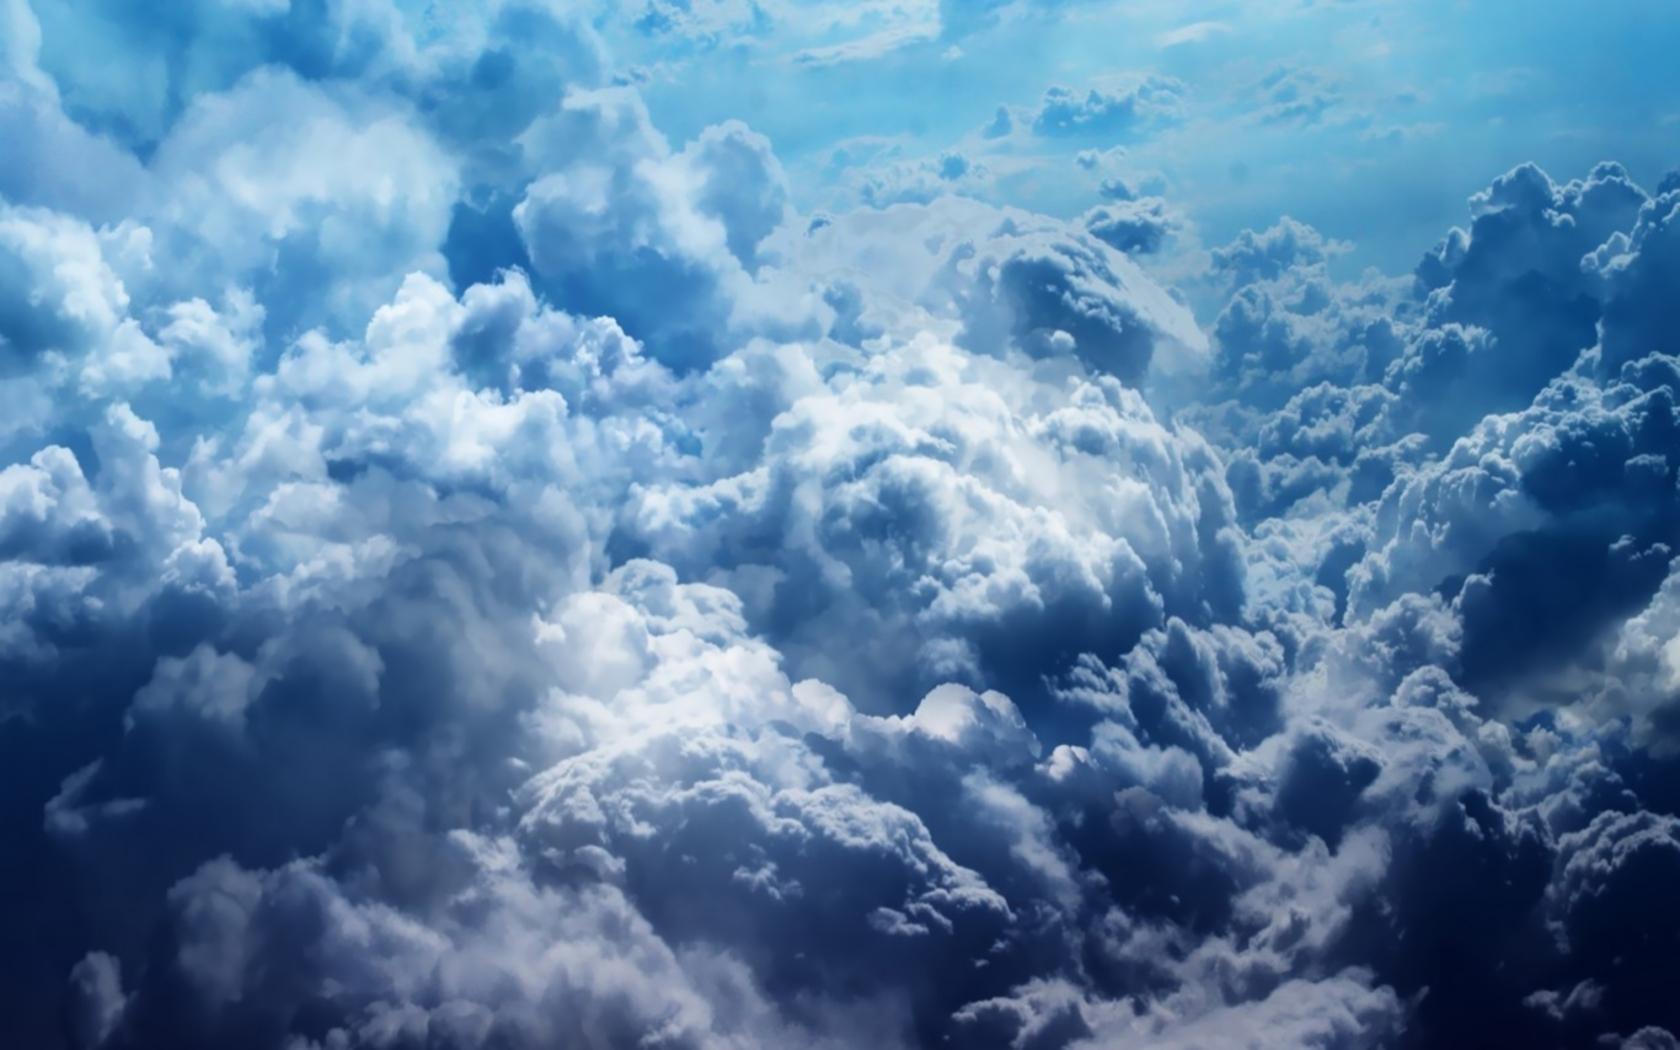 Amazing Cloud Background